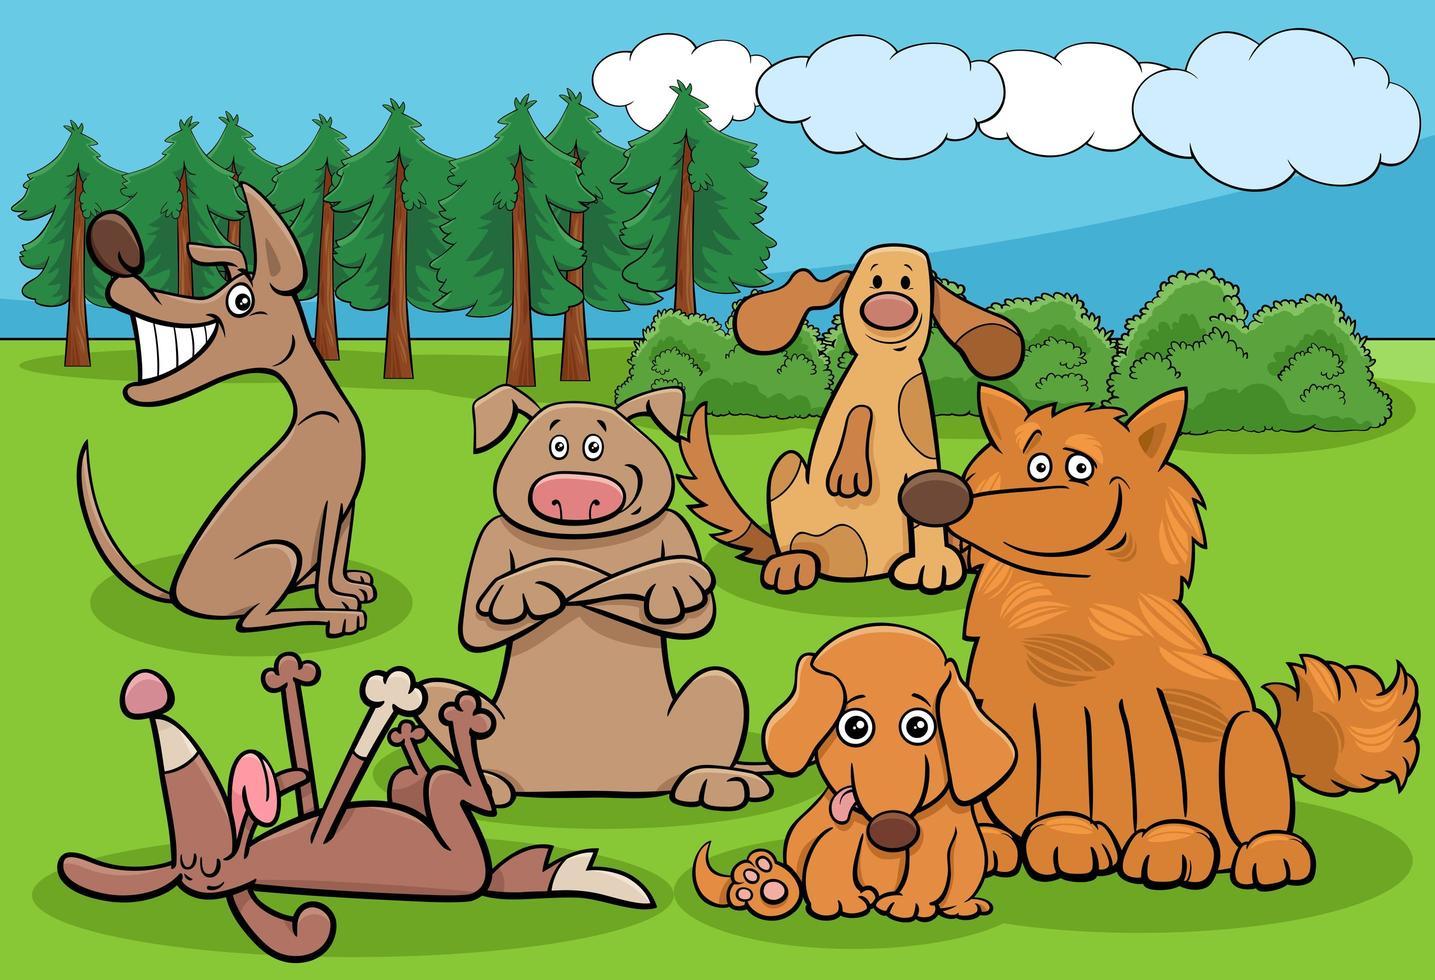 tecknade hundar roliga karaktärer grupp i park vektor